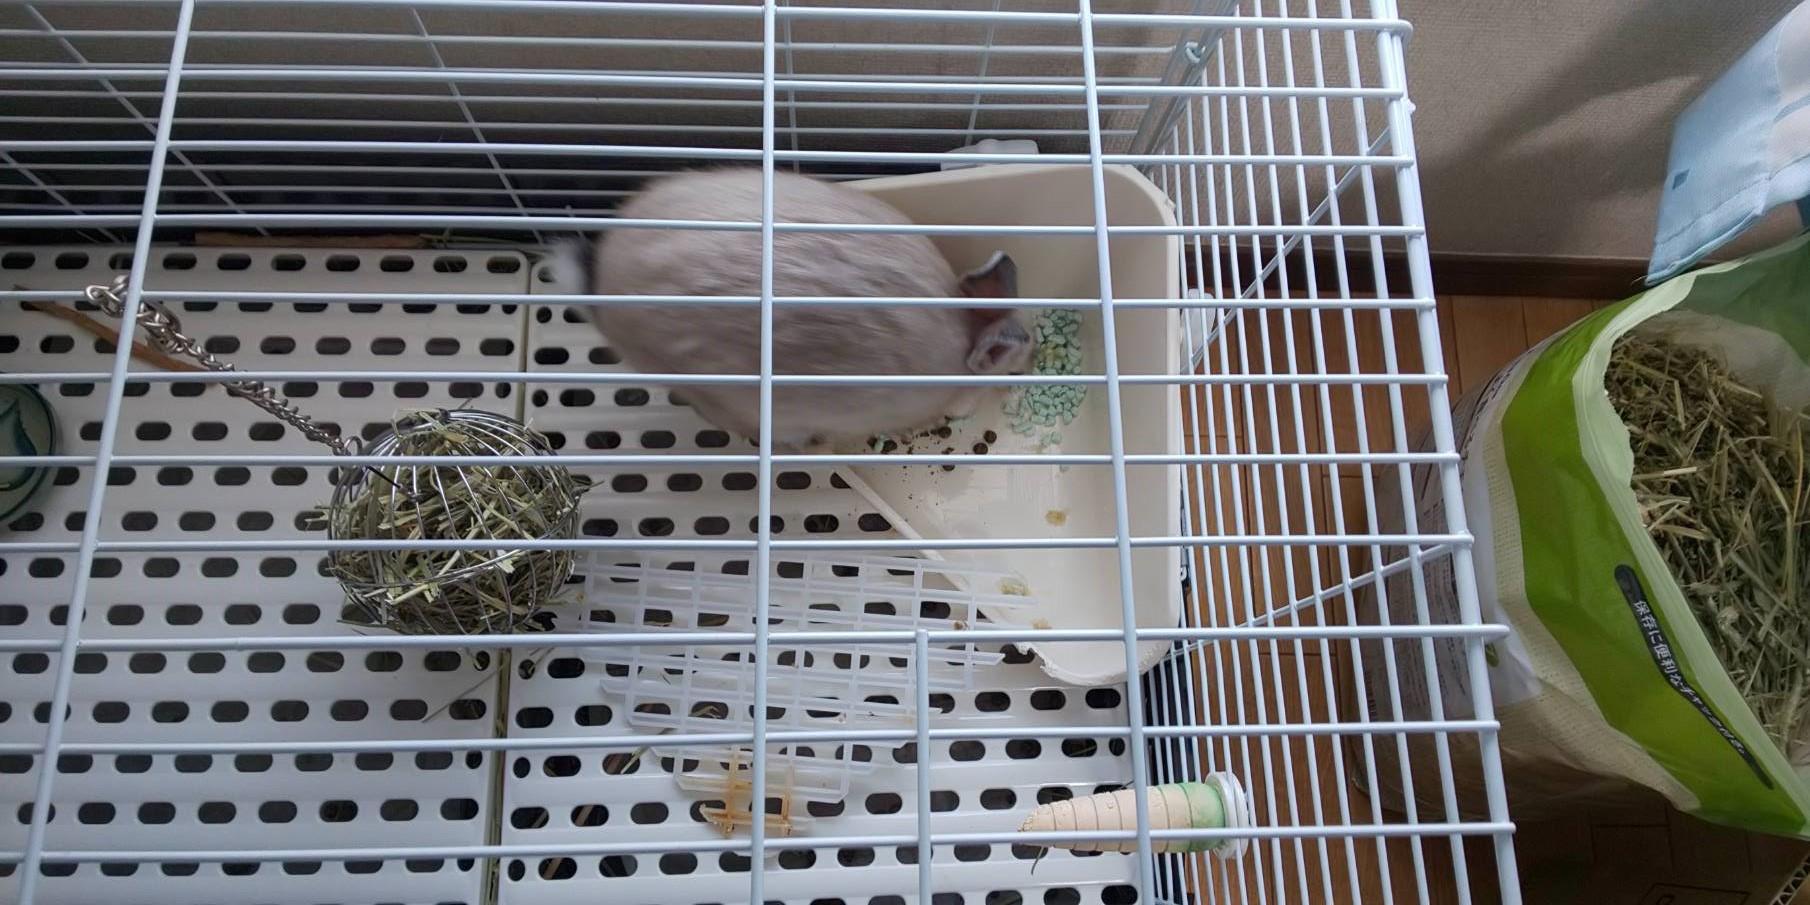 【ミニウサギ】今日のウンコ・・・いや今日のウサギはウンコ(えw